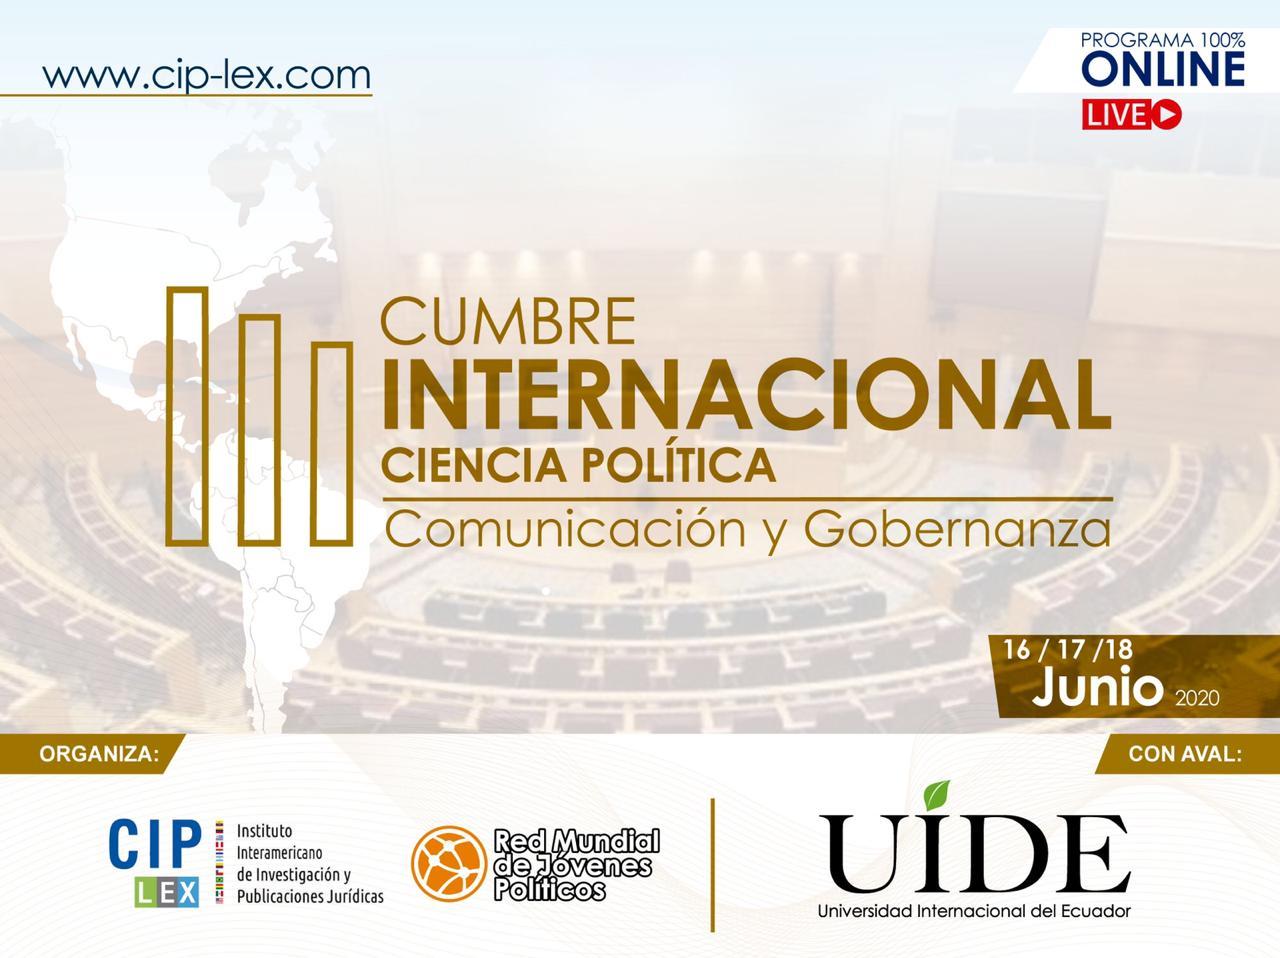 Cumbre Internacional Ciencia Política, Comunicación y Gobernanza